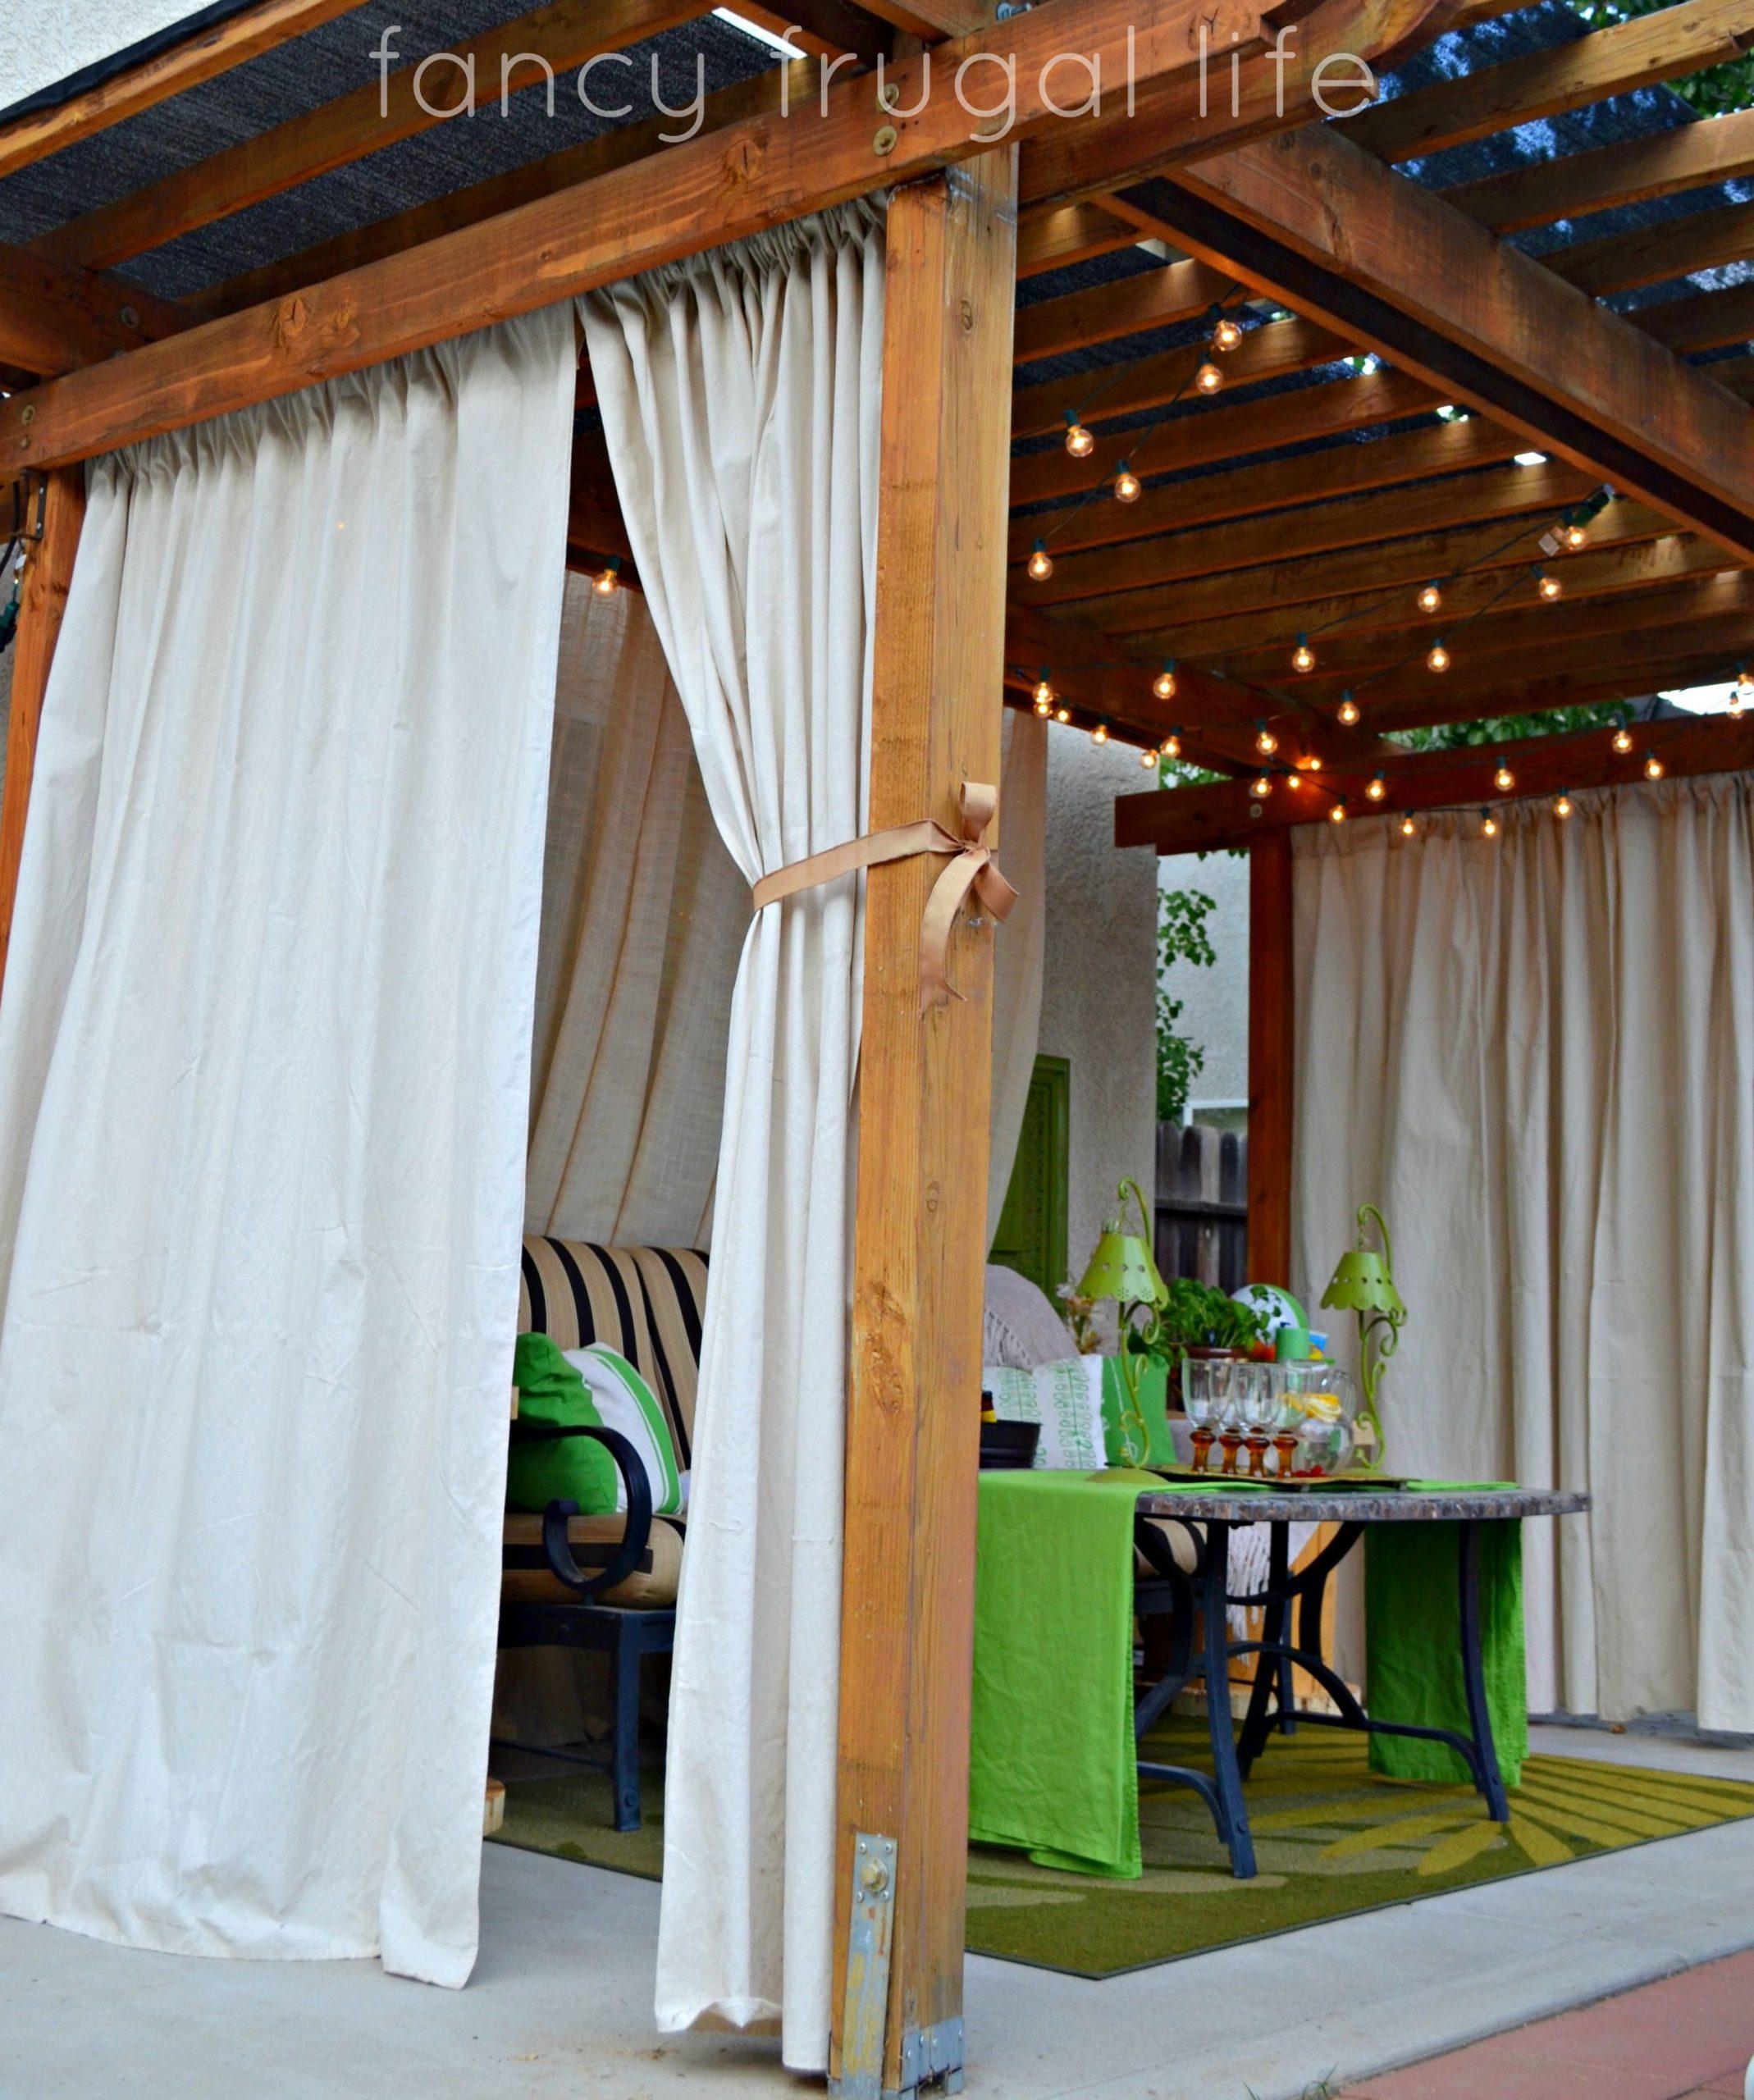 Fantastische Outdoor Vorhänge Für die Terrasse, die Erhöht Die Schönheit Ihrer Terrasse – Mobelde.com